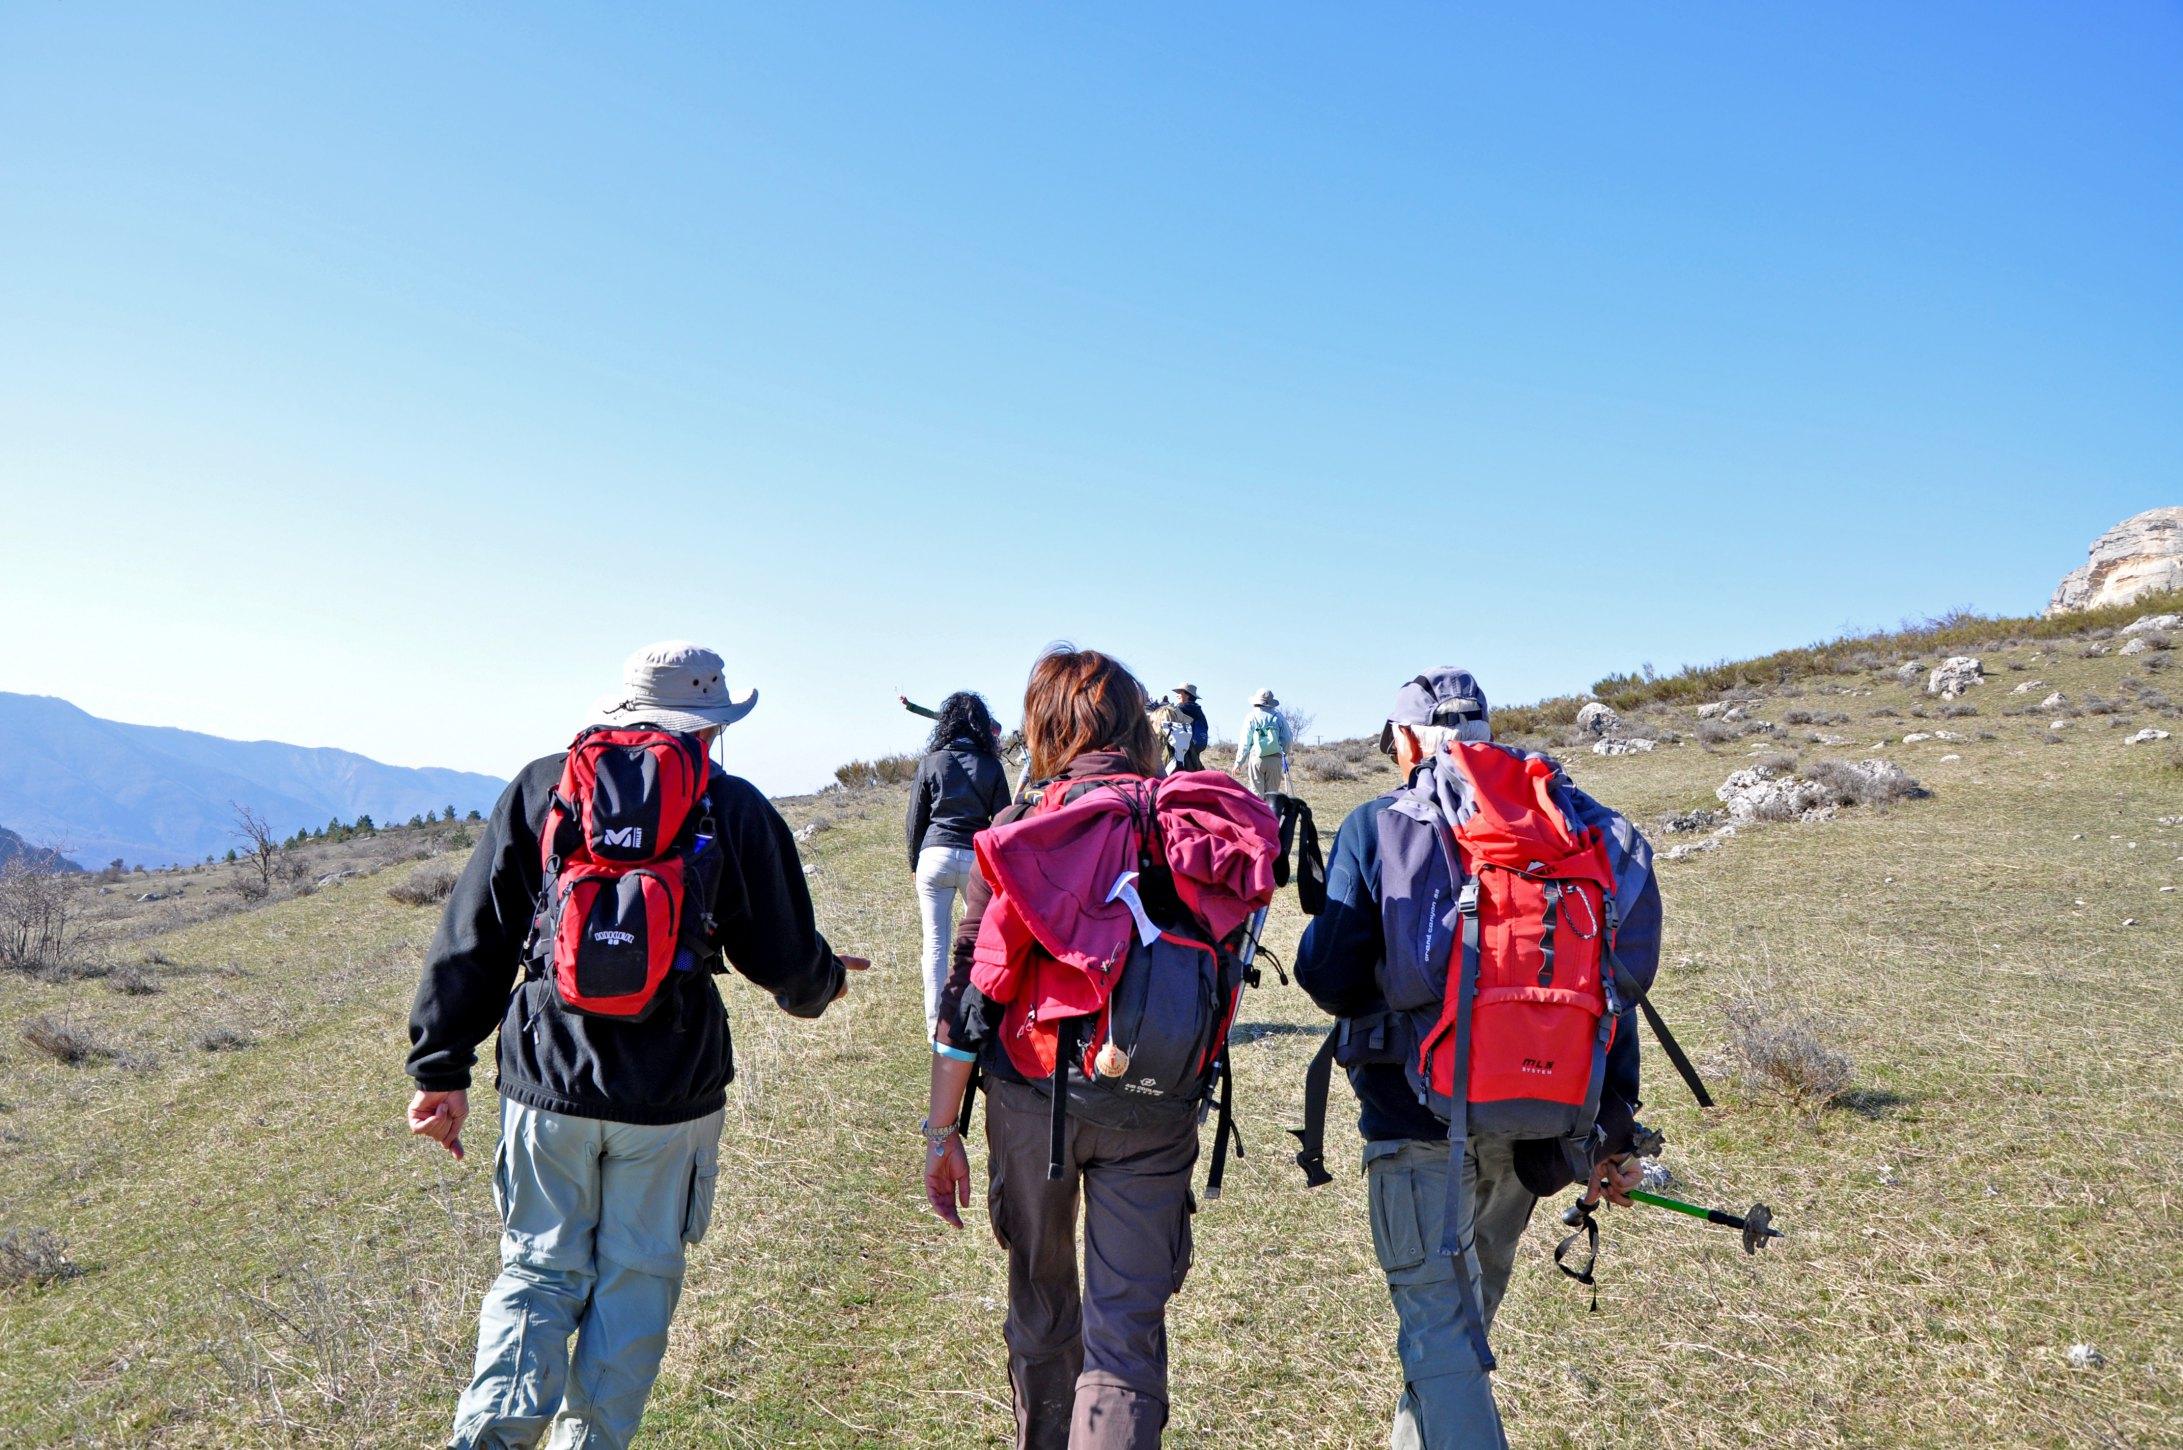 Circuits de randonnées dans les Alpes : que l'aventure commence !